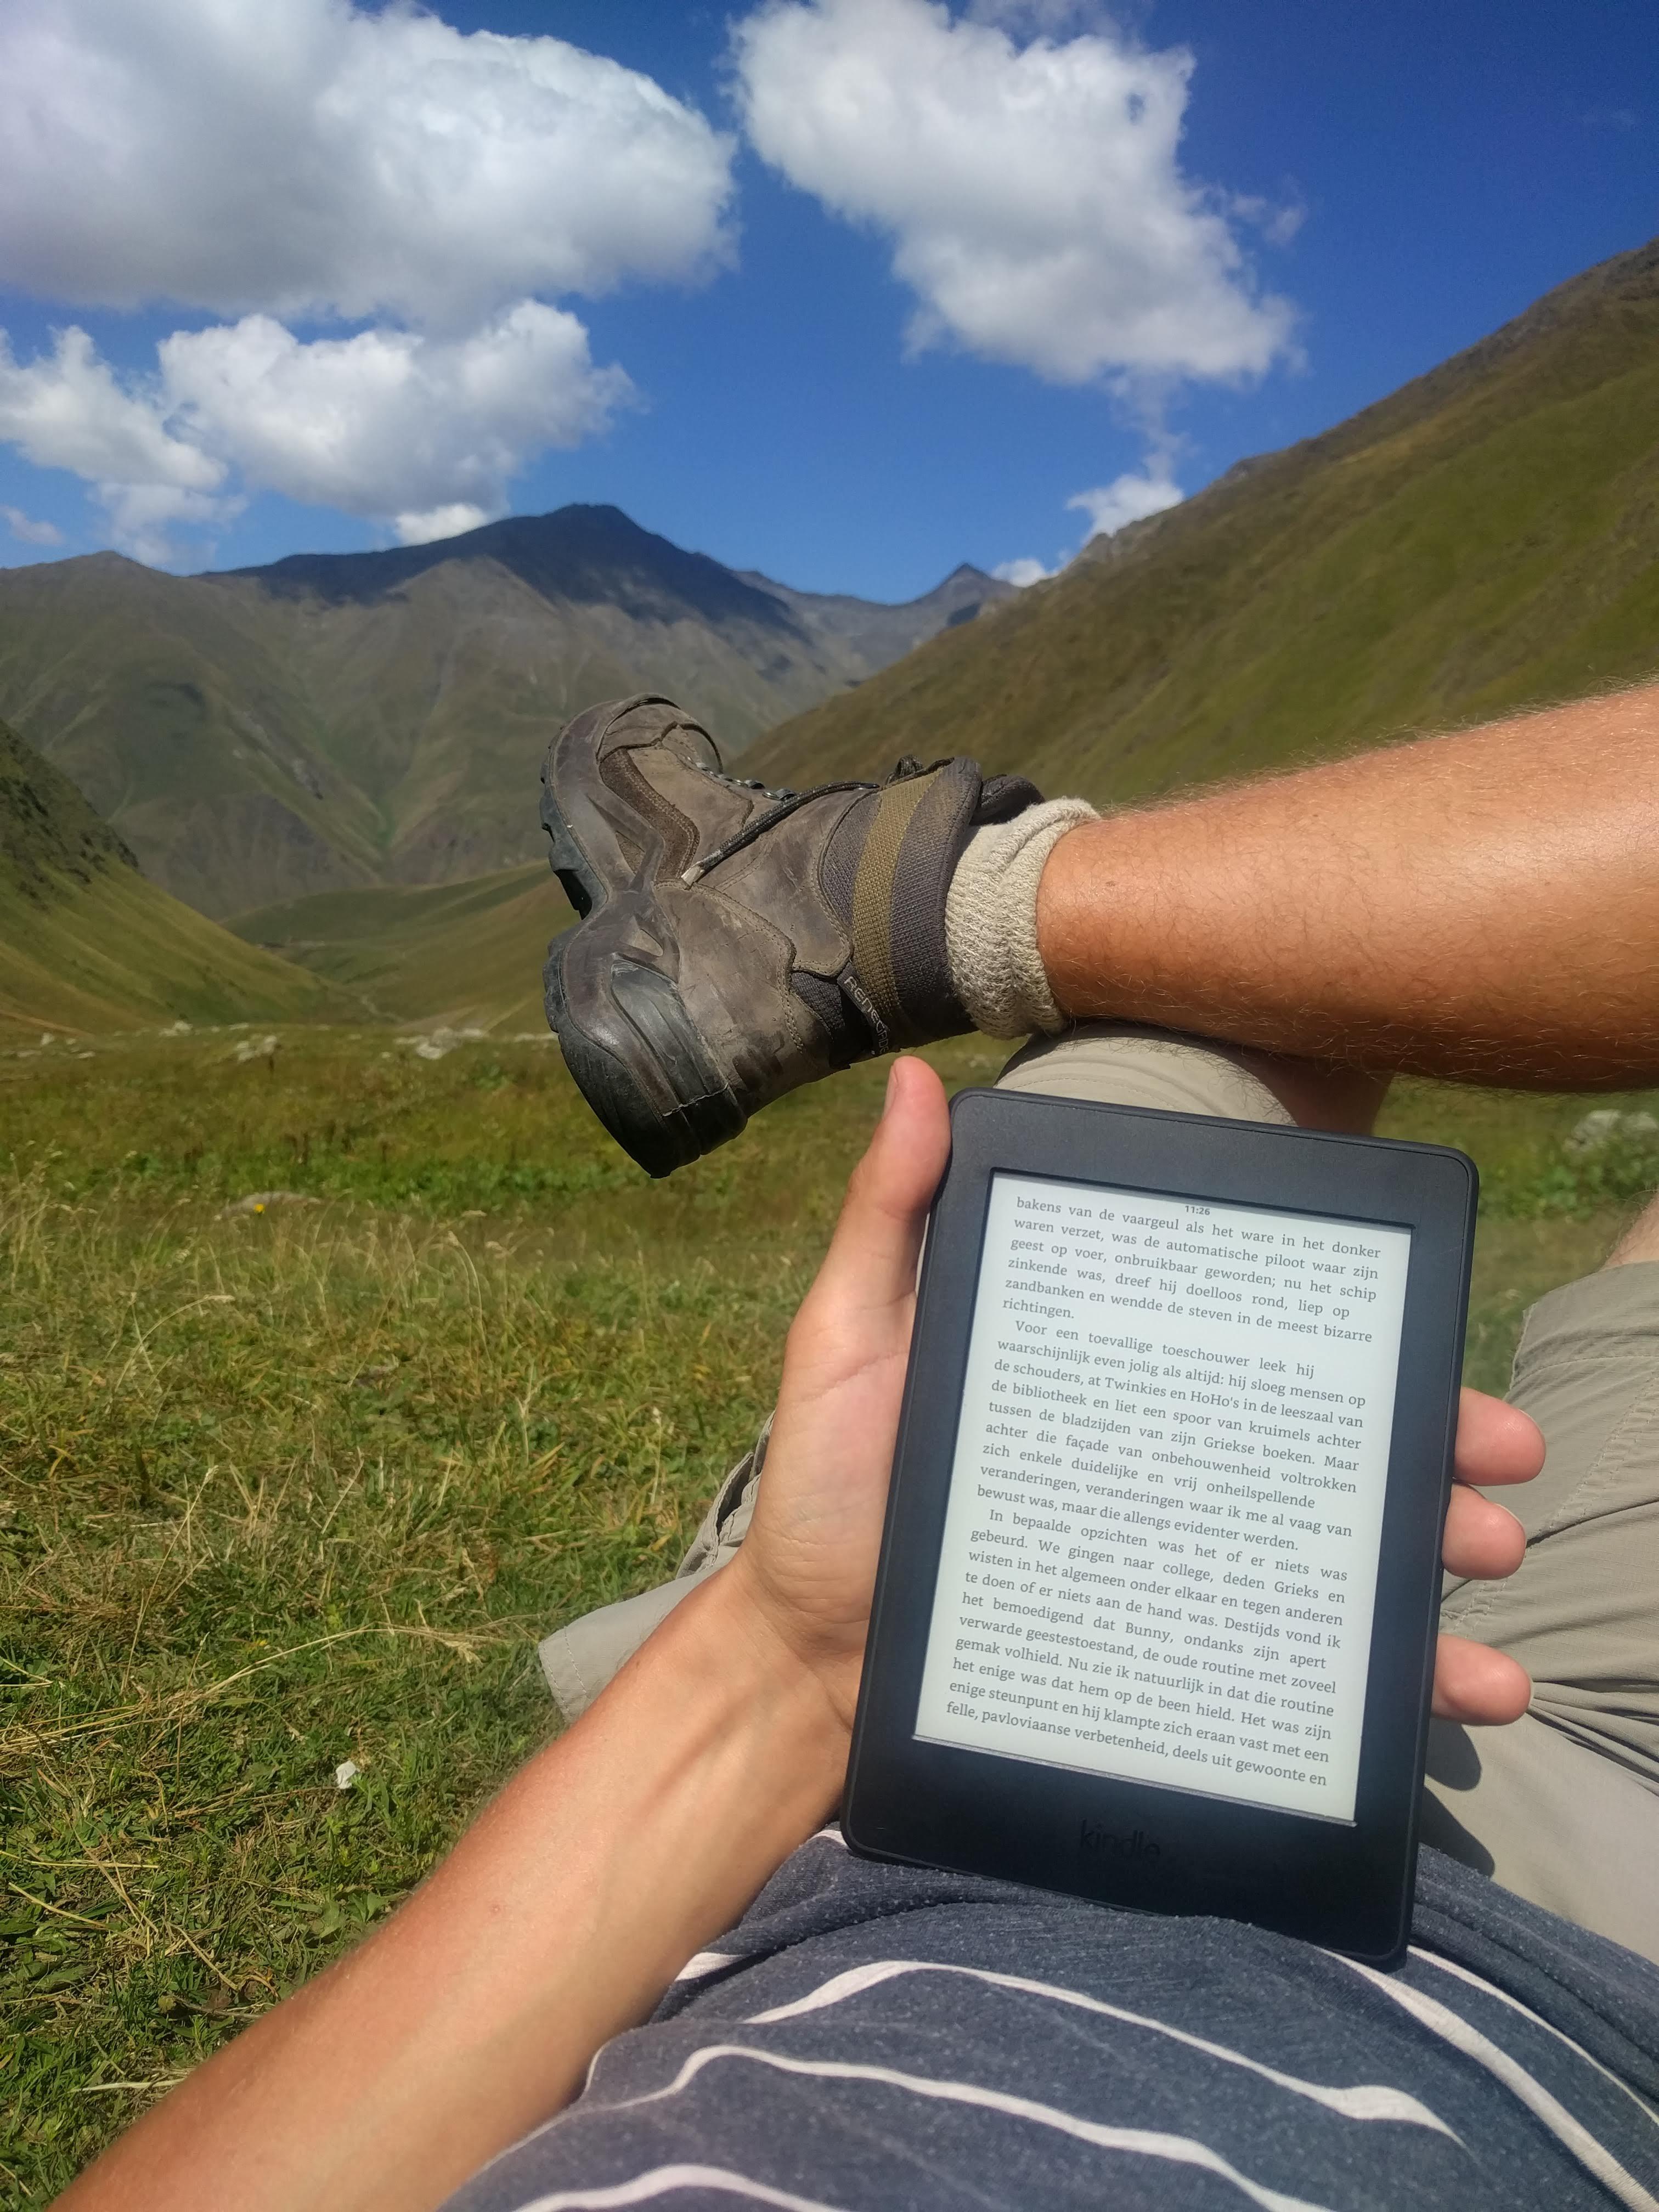 Toch handig, zo 200 boeken in je zak kunnen meenemen. Lang leve de e-reader!